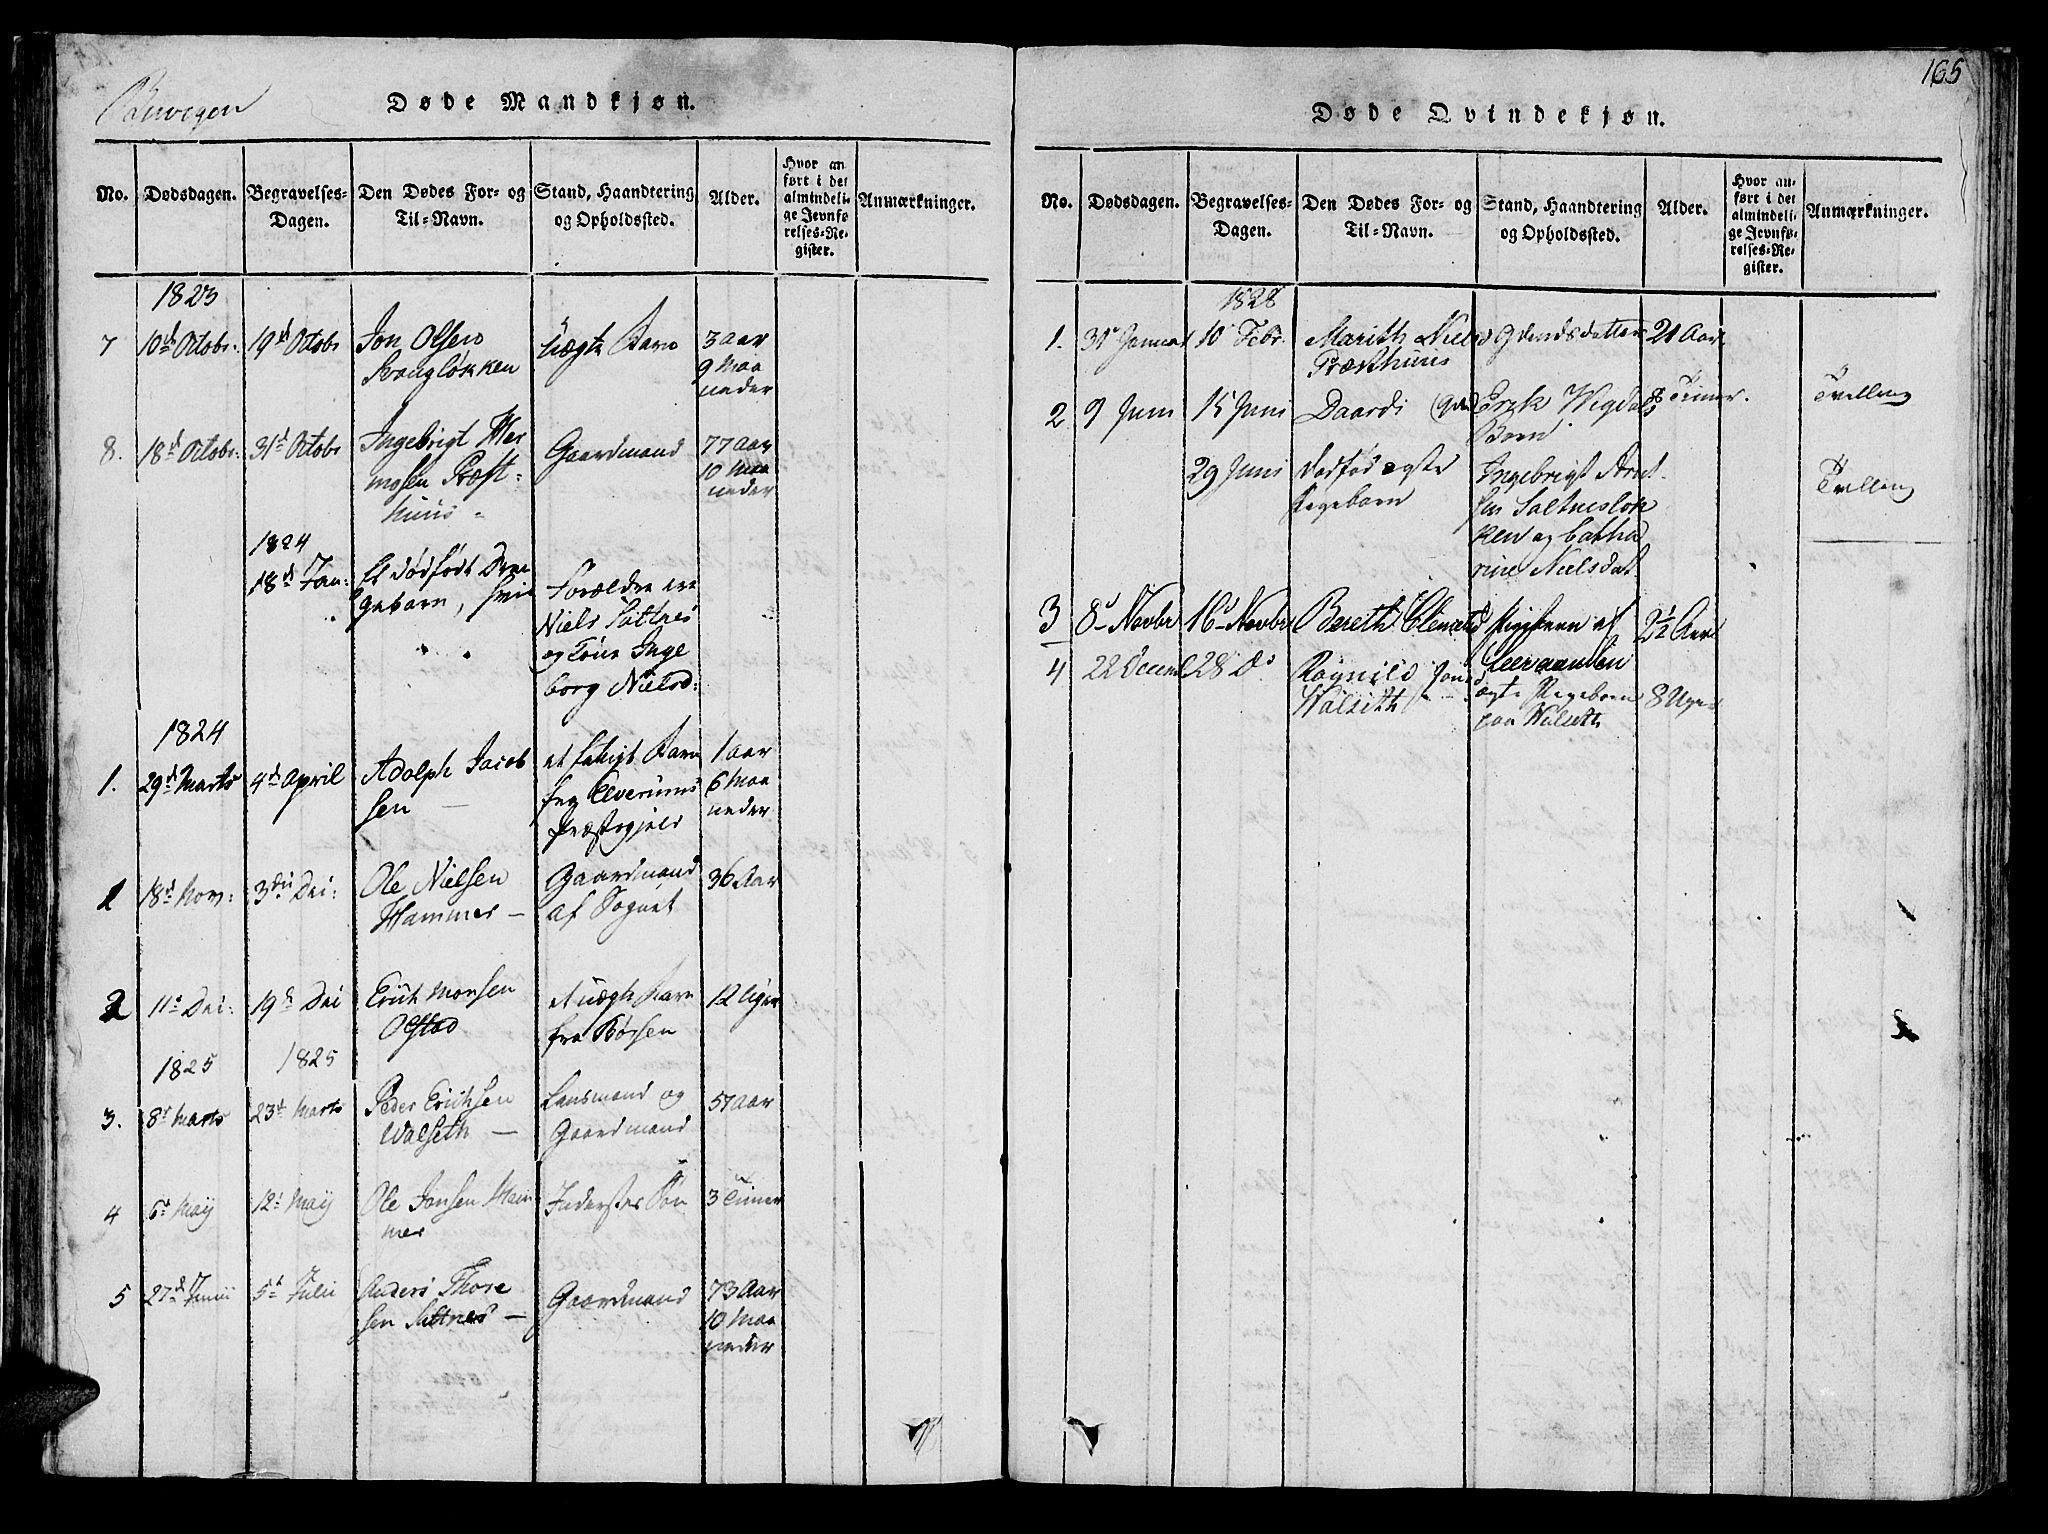 SAT, Ministerialprotokoller, klokkerbøker og fødselsregistre - Sør-Trøndelag, 612/L0373: Ministerialbok nr. 612A06 /2, 1816-1828, s. 165